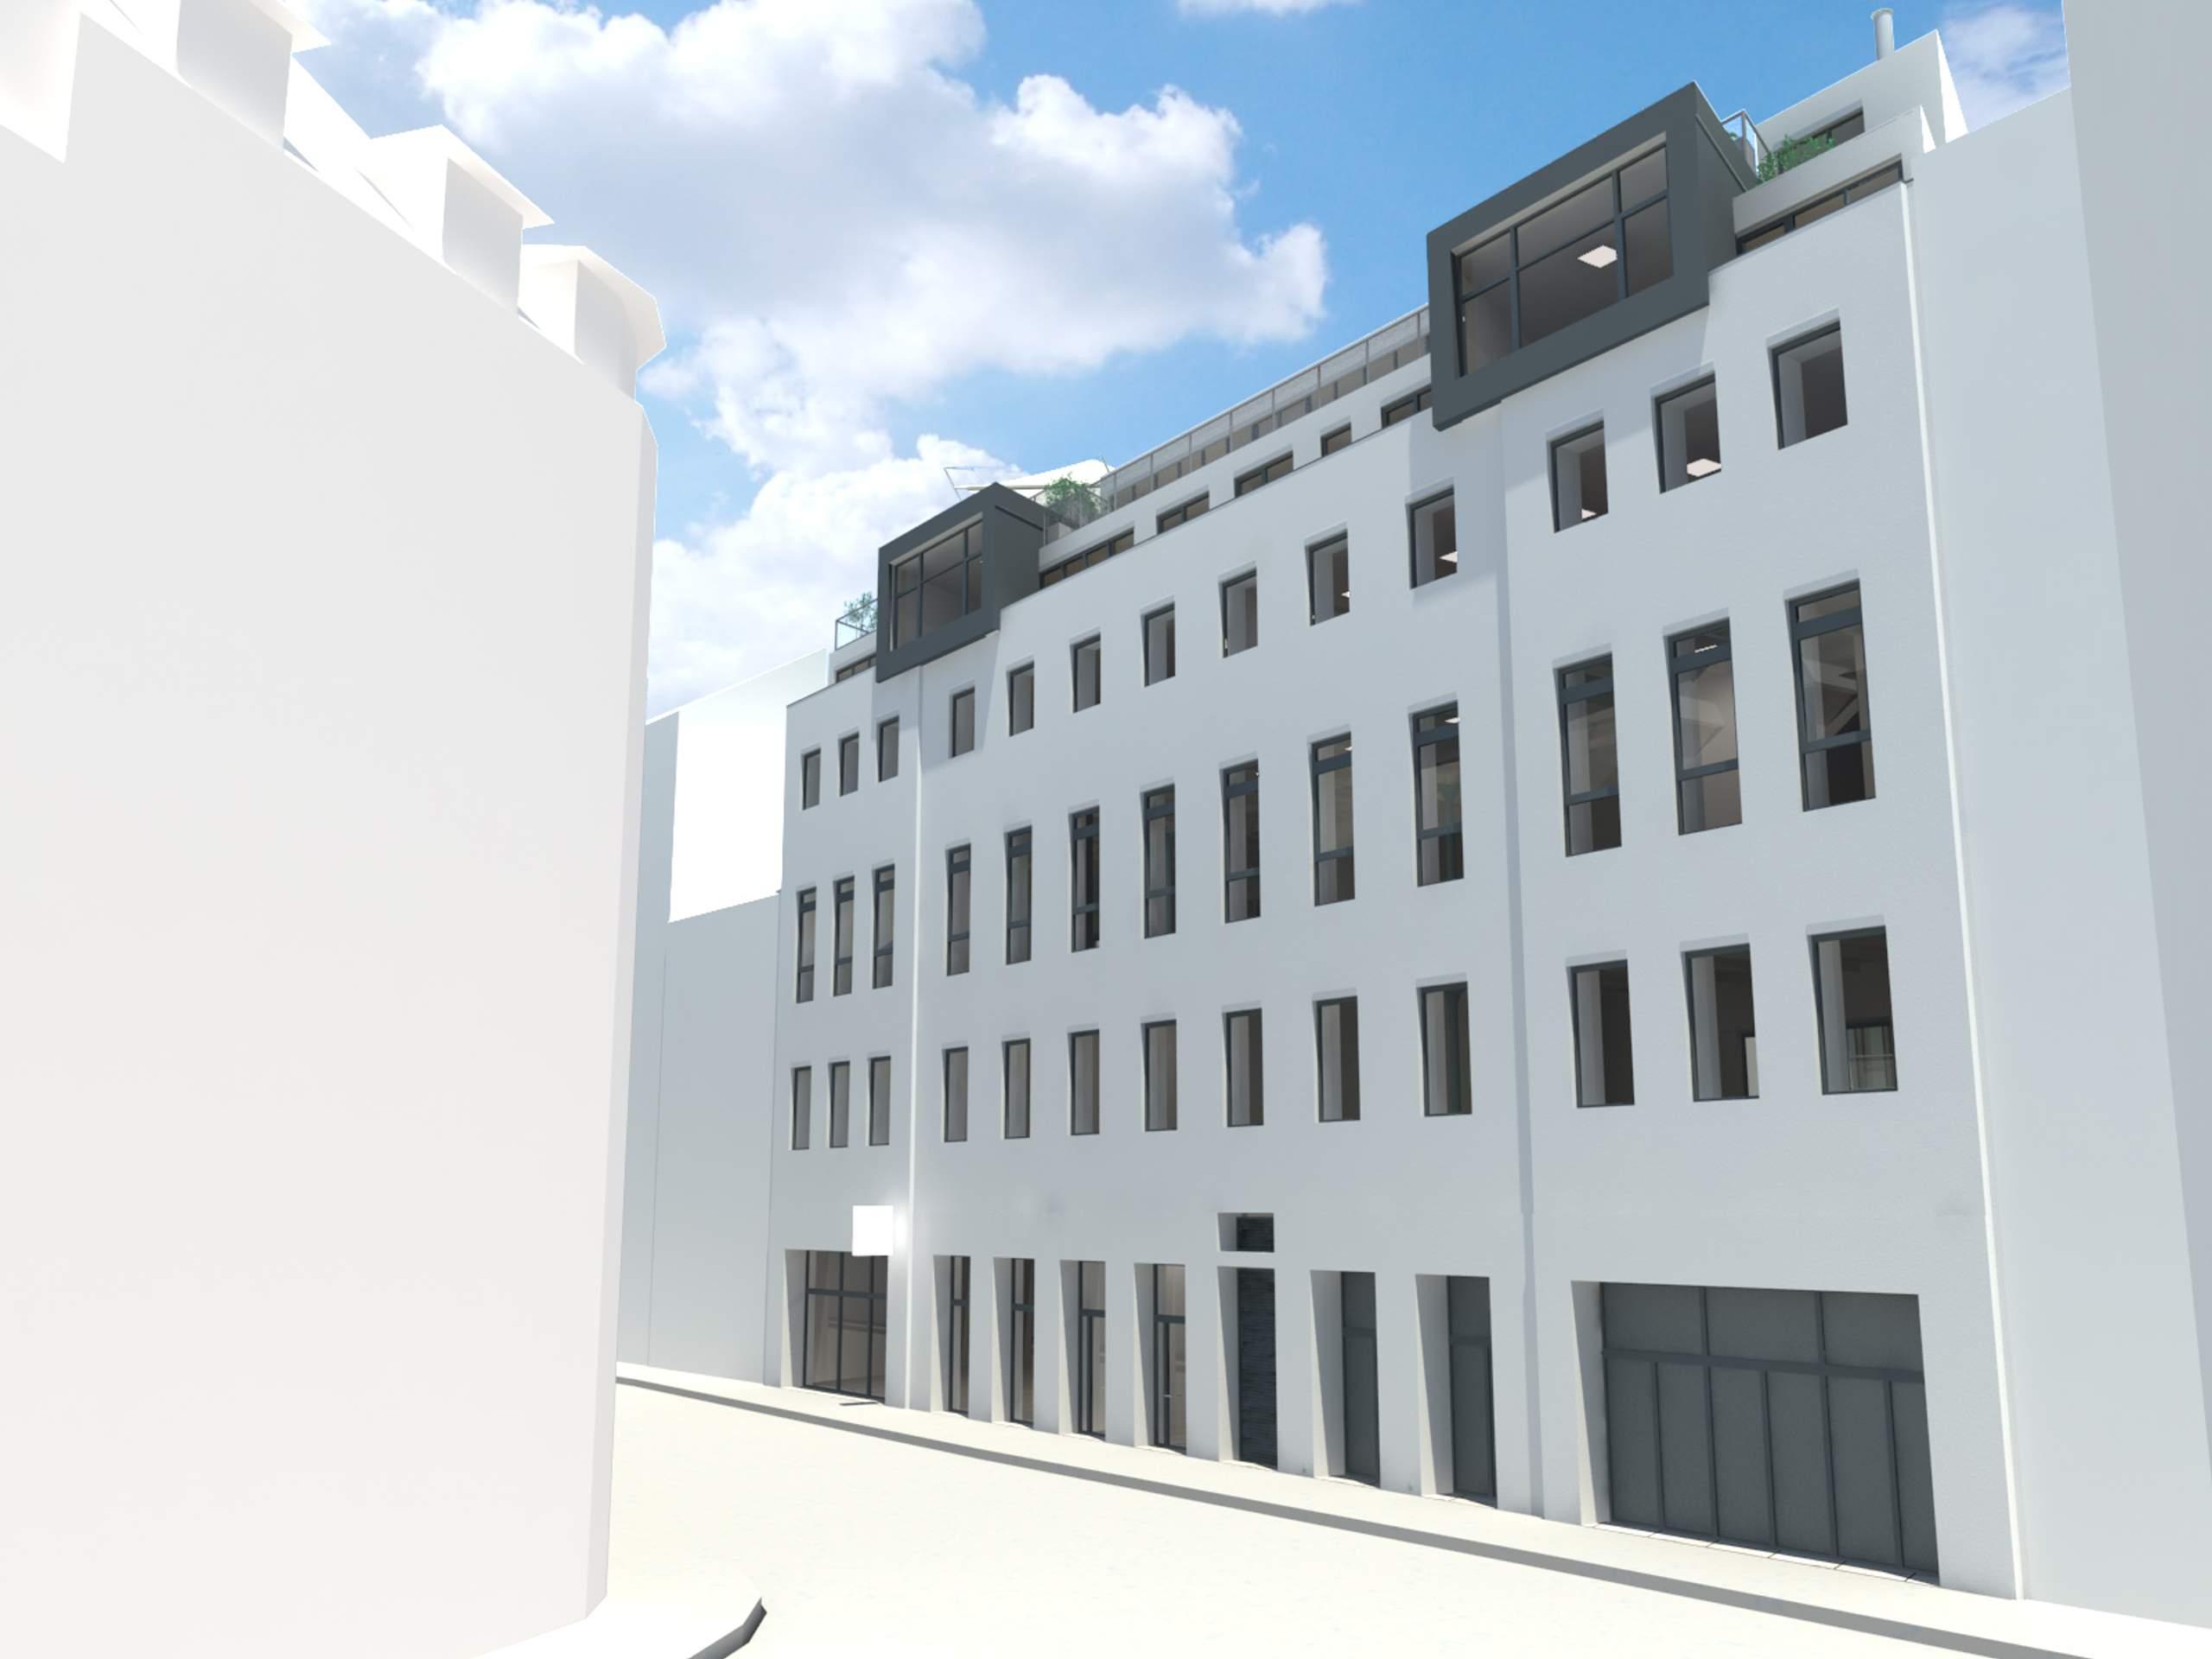 LIEGLER TAKEH ARCHITEKTEN Projekt Zirkusgasse Visualisierung